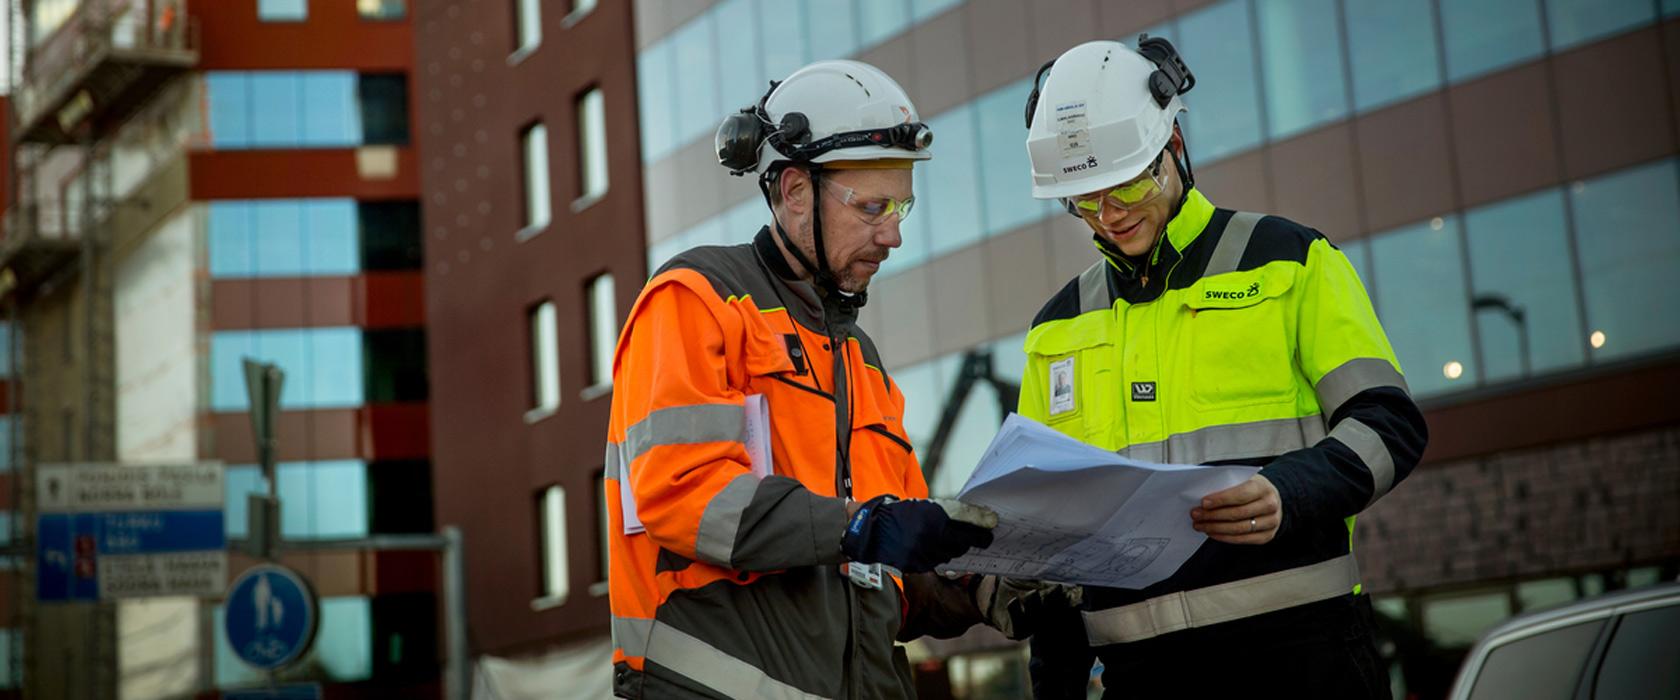 Rådgivere på byggeplass ikledd verneklær ser på tegning